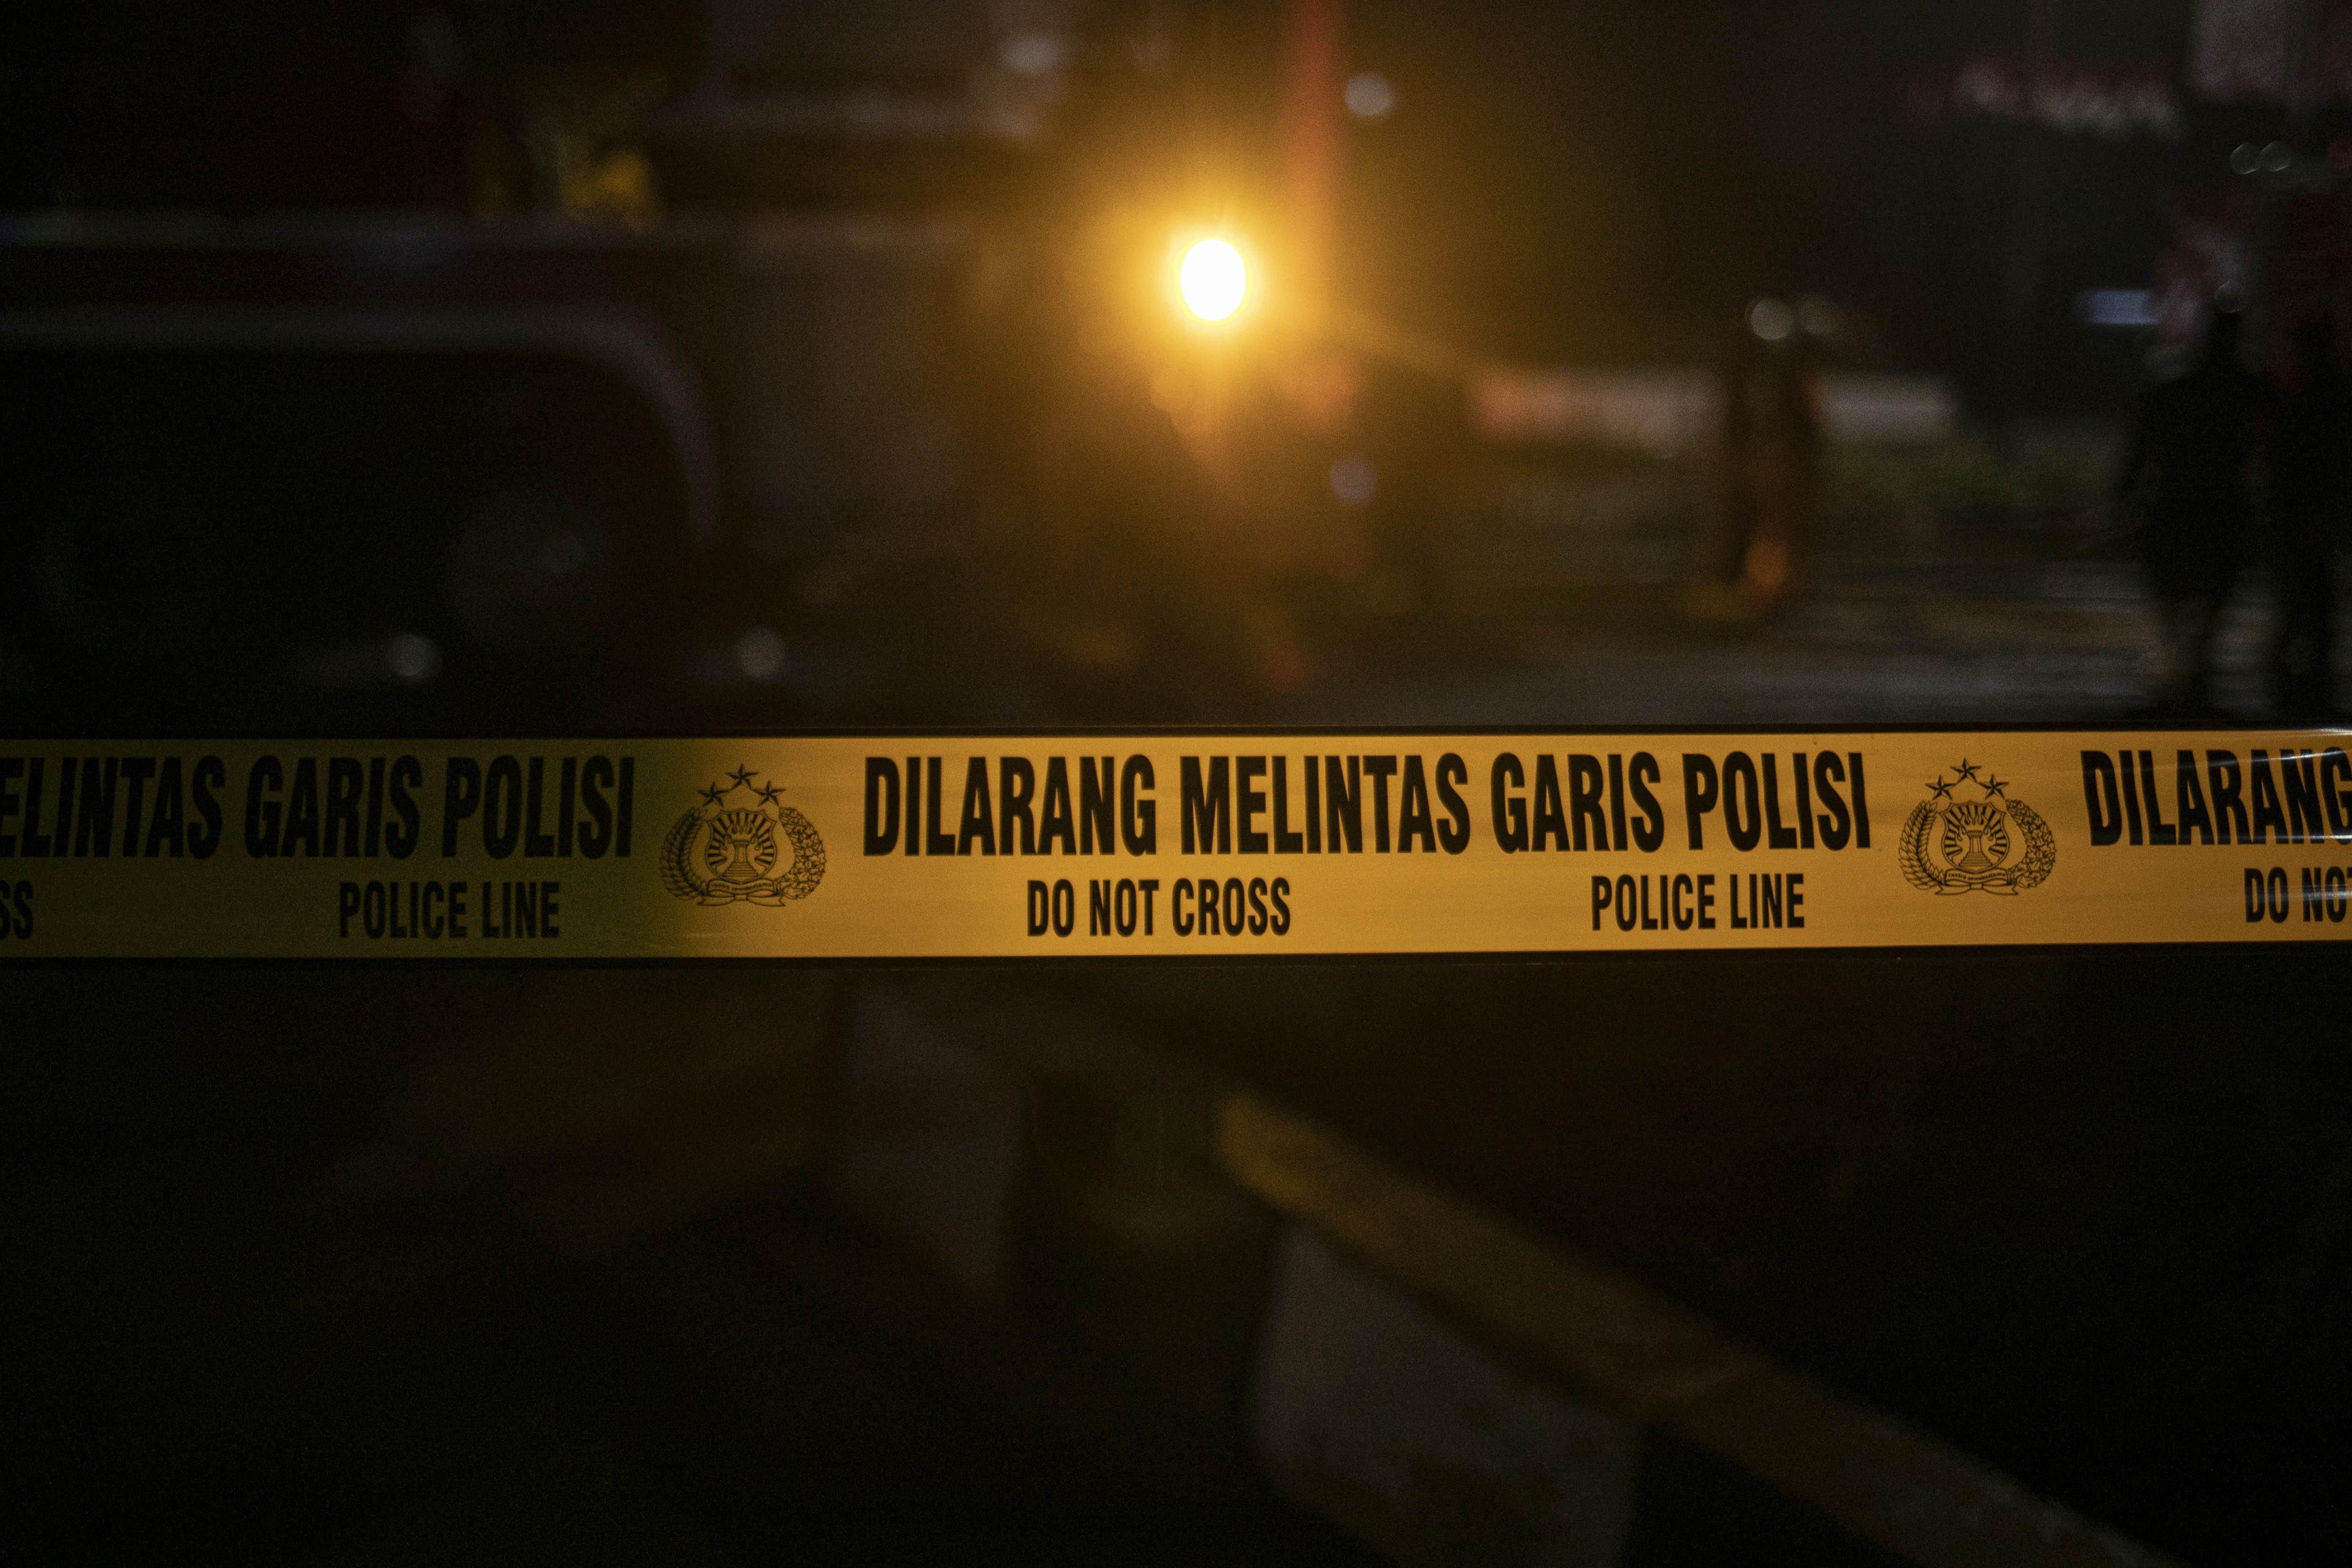 Petugas memasang garis polisi di lokasi kebakaran Gedung Kejaksaan Agung Republik Indonesia di Jl. Sultan Hasanuddin Dalam, Jakarta Selatan, Sabtu (22/8/2020). Informasi awal api muncul pertama kali di lantai enam gedung utama Kejaksaan Agung RI. Api semakin membesar sejak pertama kali mulai menyala sekitar pukul 19.10 WIB. Sejauh ini, lebih dari 20 unit mobil pemadam kebakaran dikerahkan untuk memadamkan api.